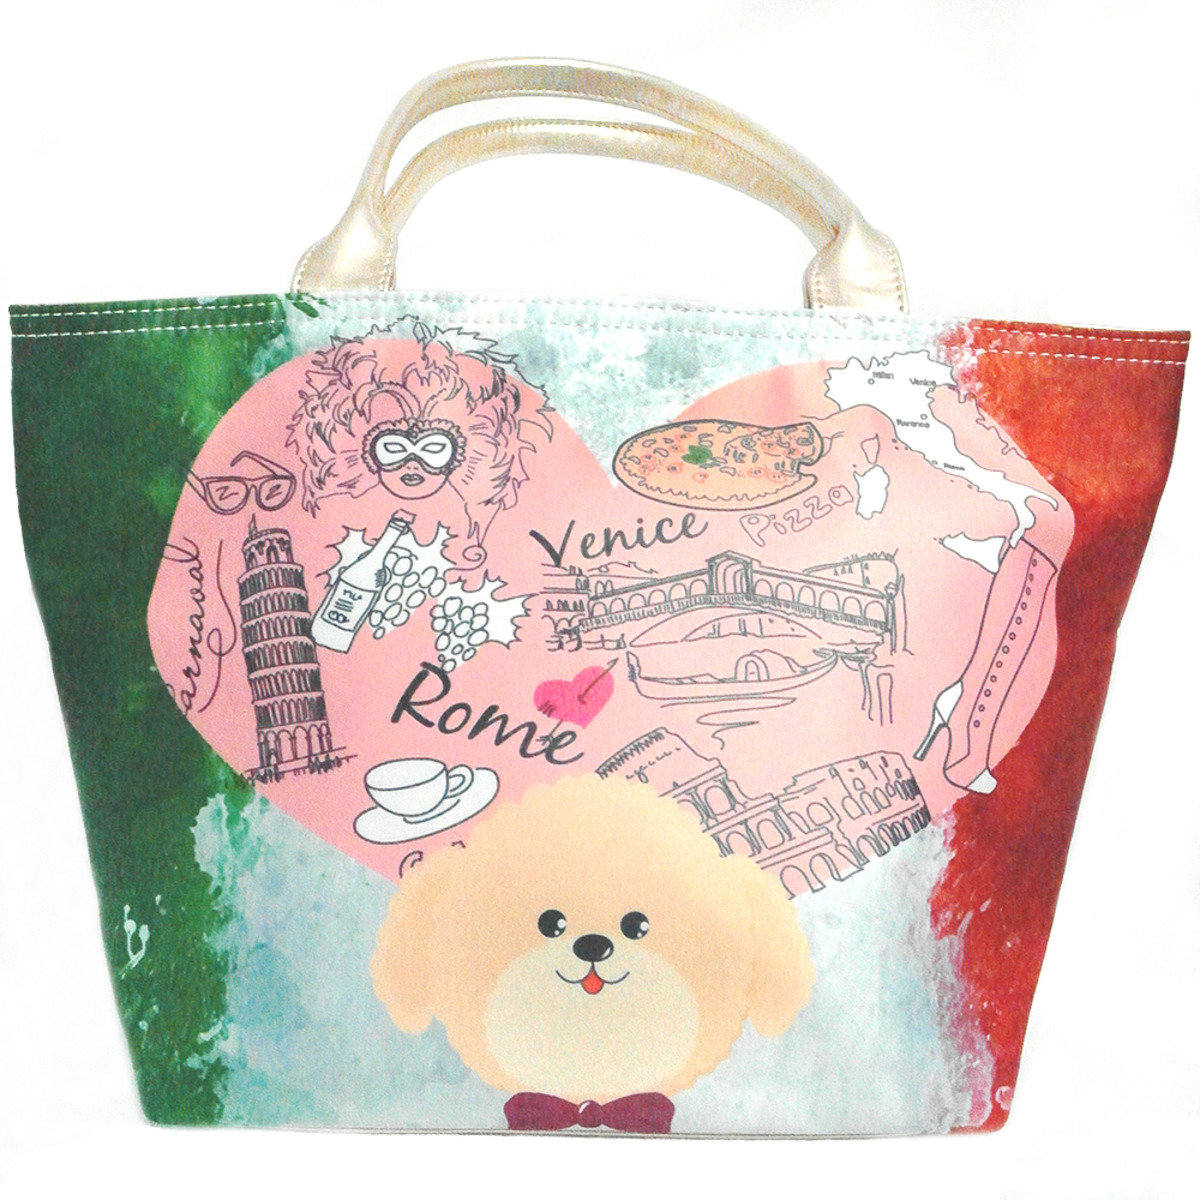 多用途手挽袋-Momo意大利